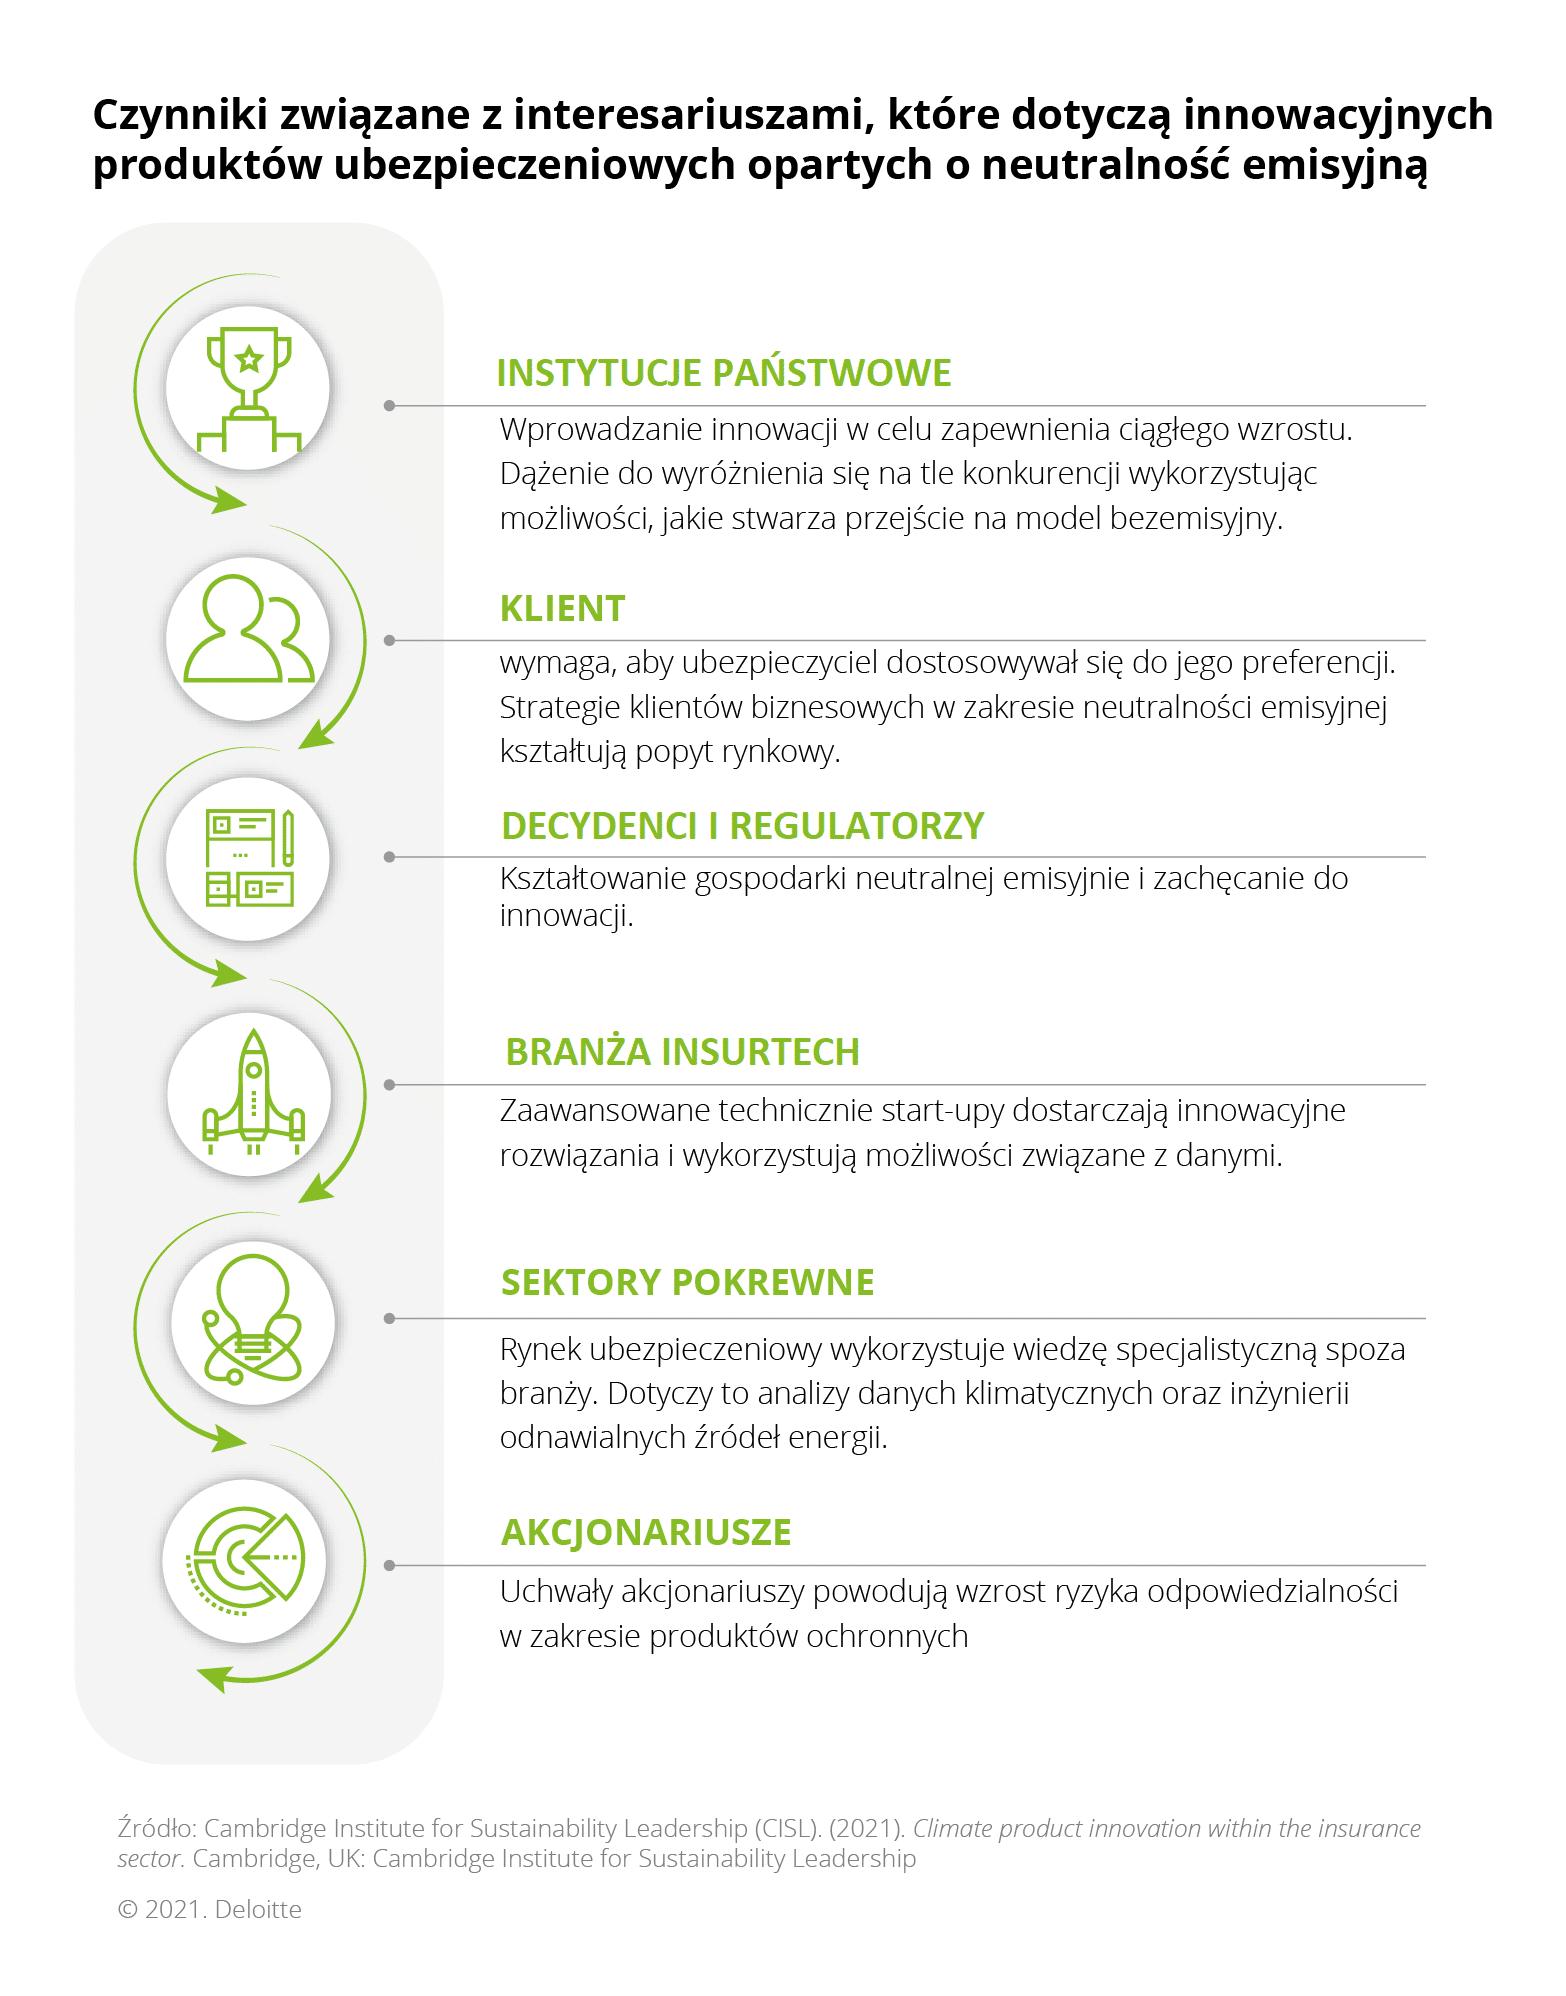 Oferta ubezpieczycieli ściśle związana ze zmianami klimatu